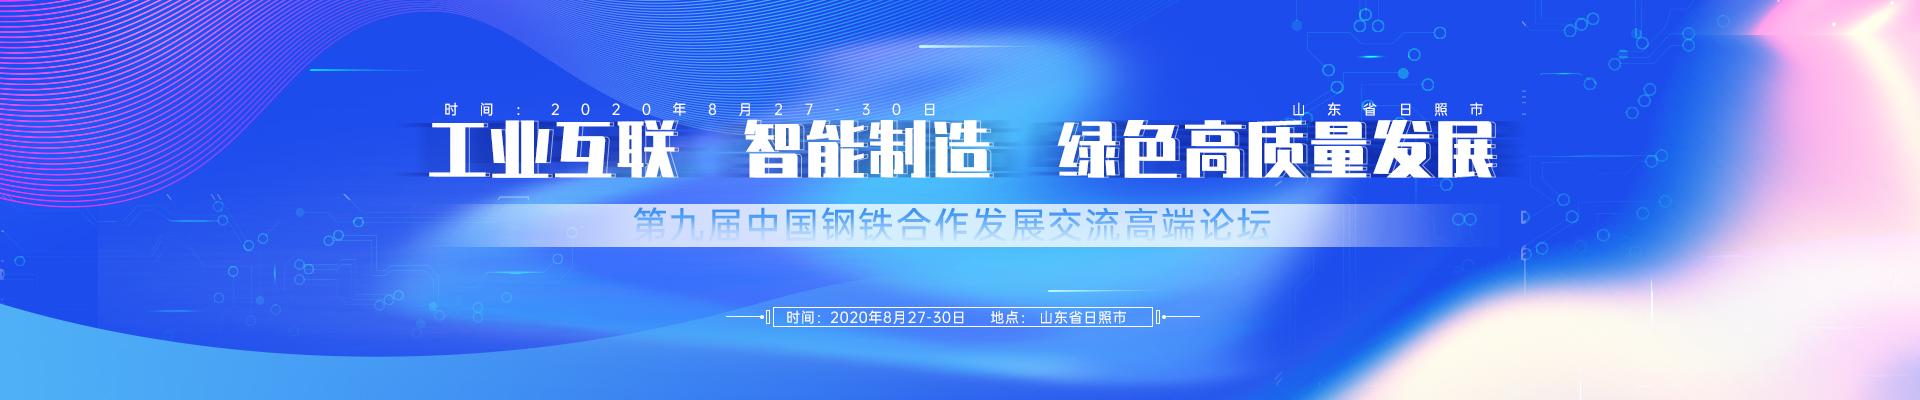 工业互联智能制造绿色高质量发展——第九届中国钢铁合作发展交流高端论坛